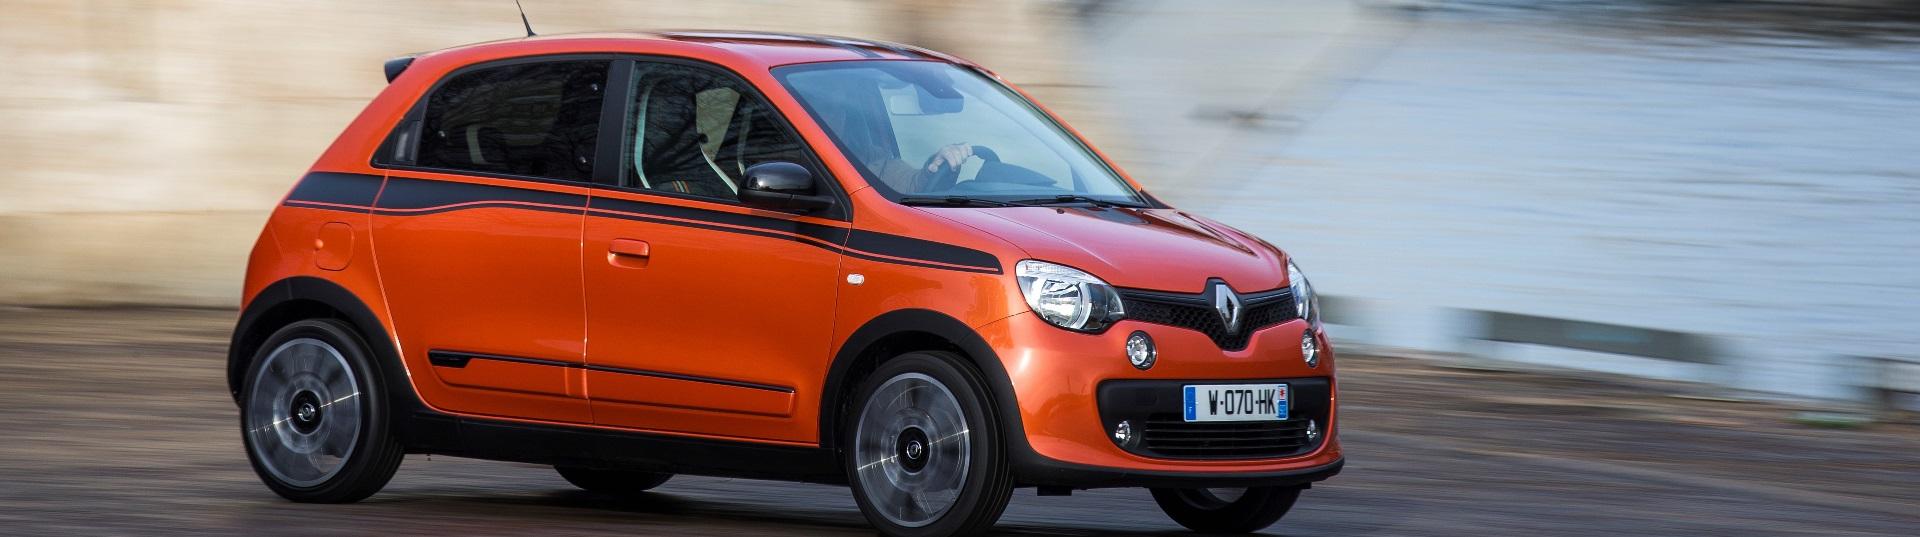 Renault Twingo_GT